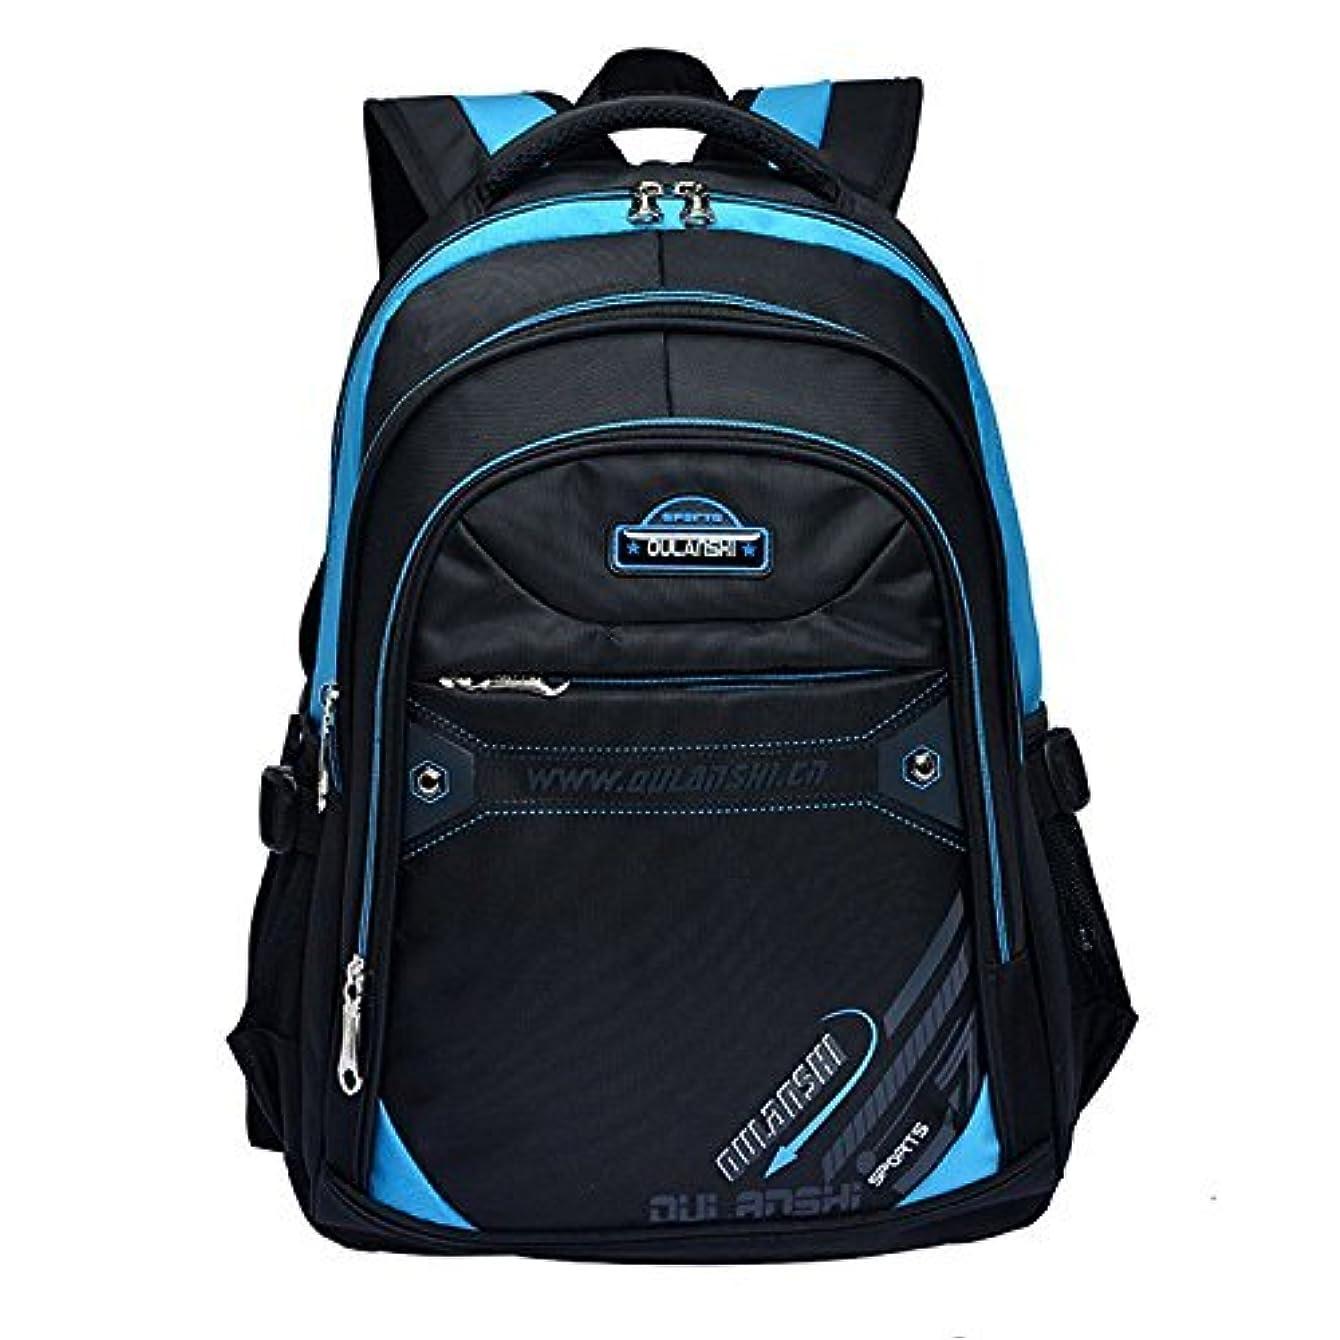 魅惑的な即席マイナスEshops School Backpacks for Boys Bookbag for Kids Student Backpack Blue 【You&Me】 [並行輸入品]